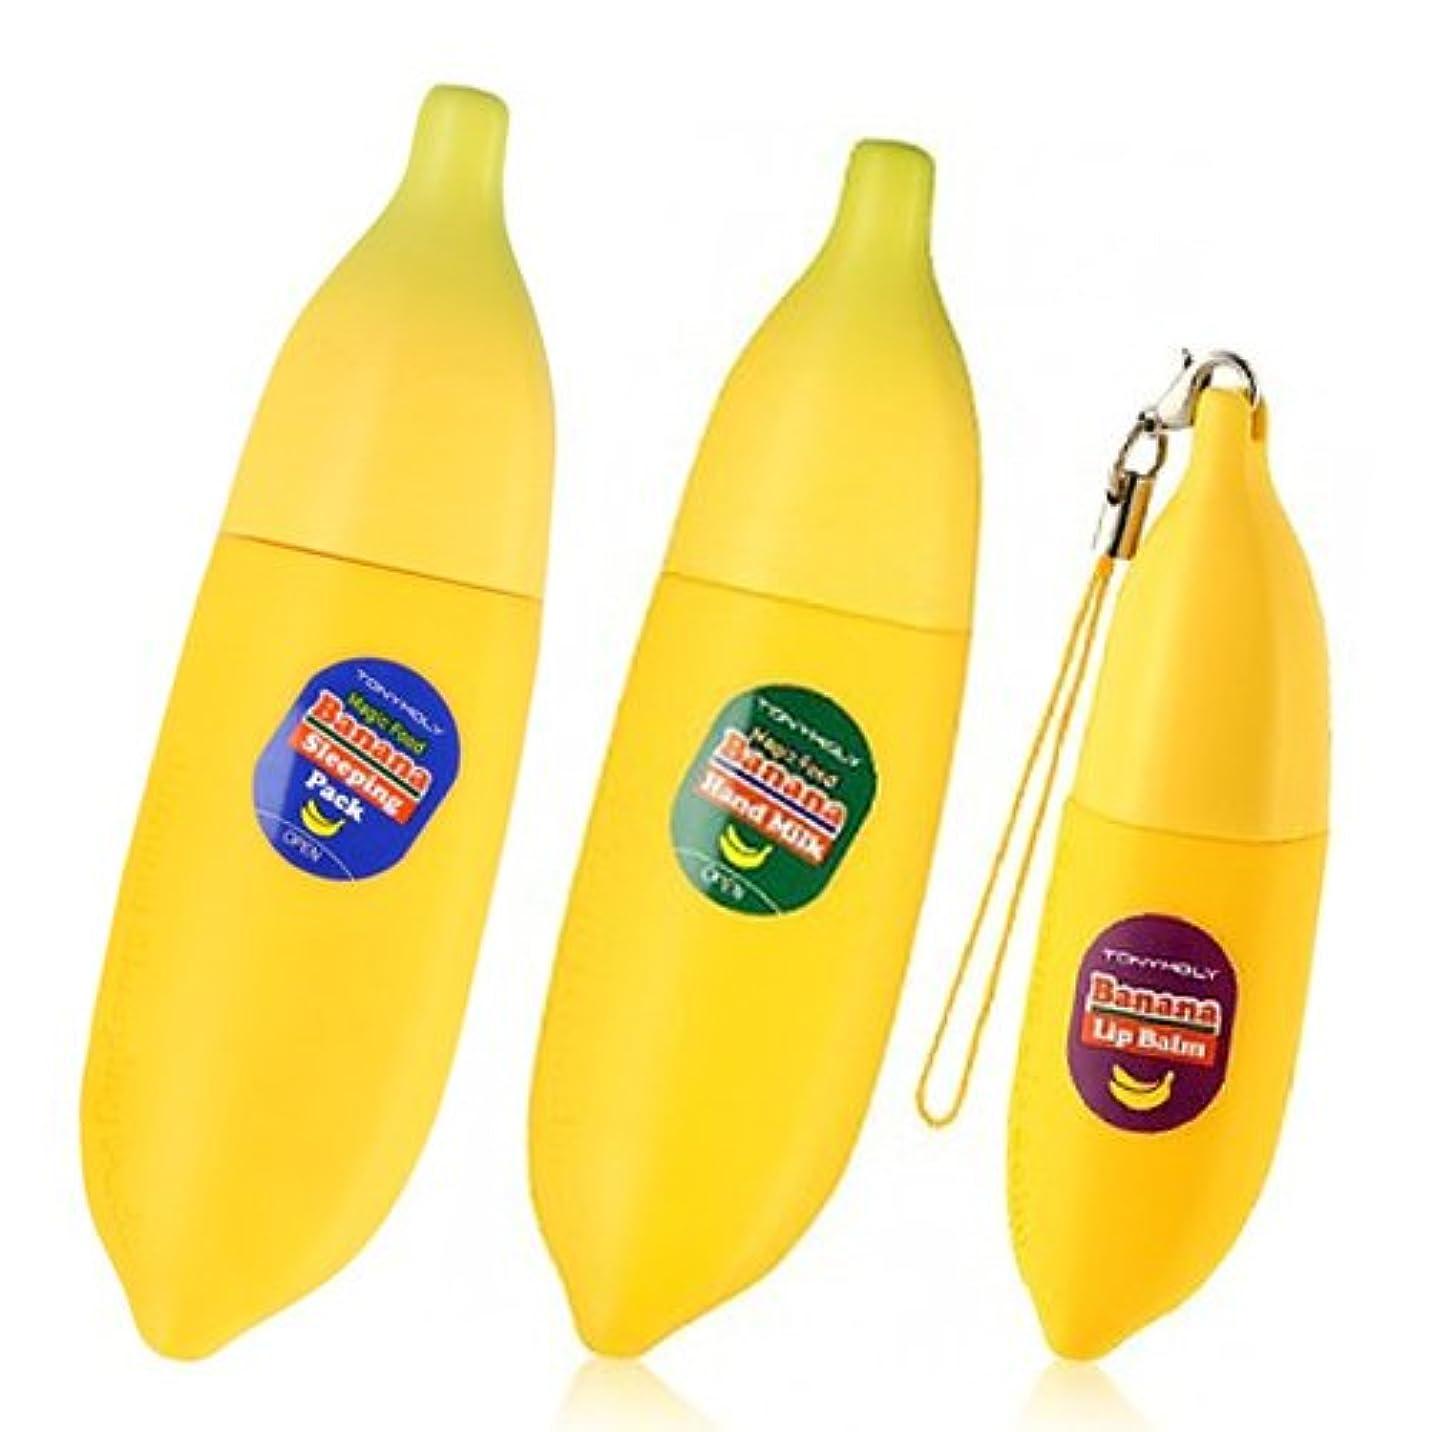 フレア減らす現代のTONYMOLY (トニーモリ―) マジックフードバナナ3種類1セット(スリーピングパック+ハンドクリーム+リップバーム) Magic Food Banana of 3 Types (Sleeping Pack+Hand...